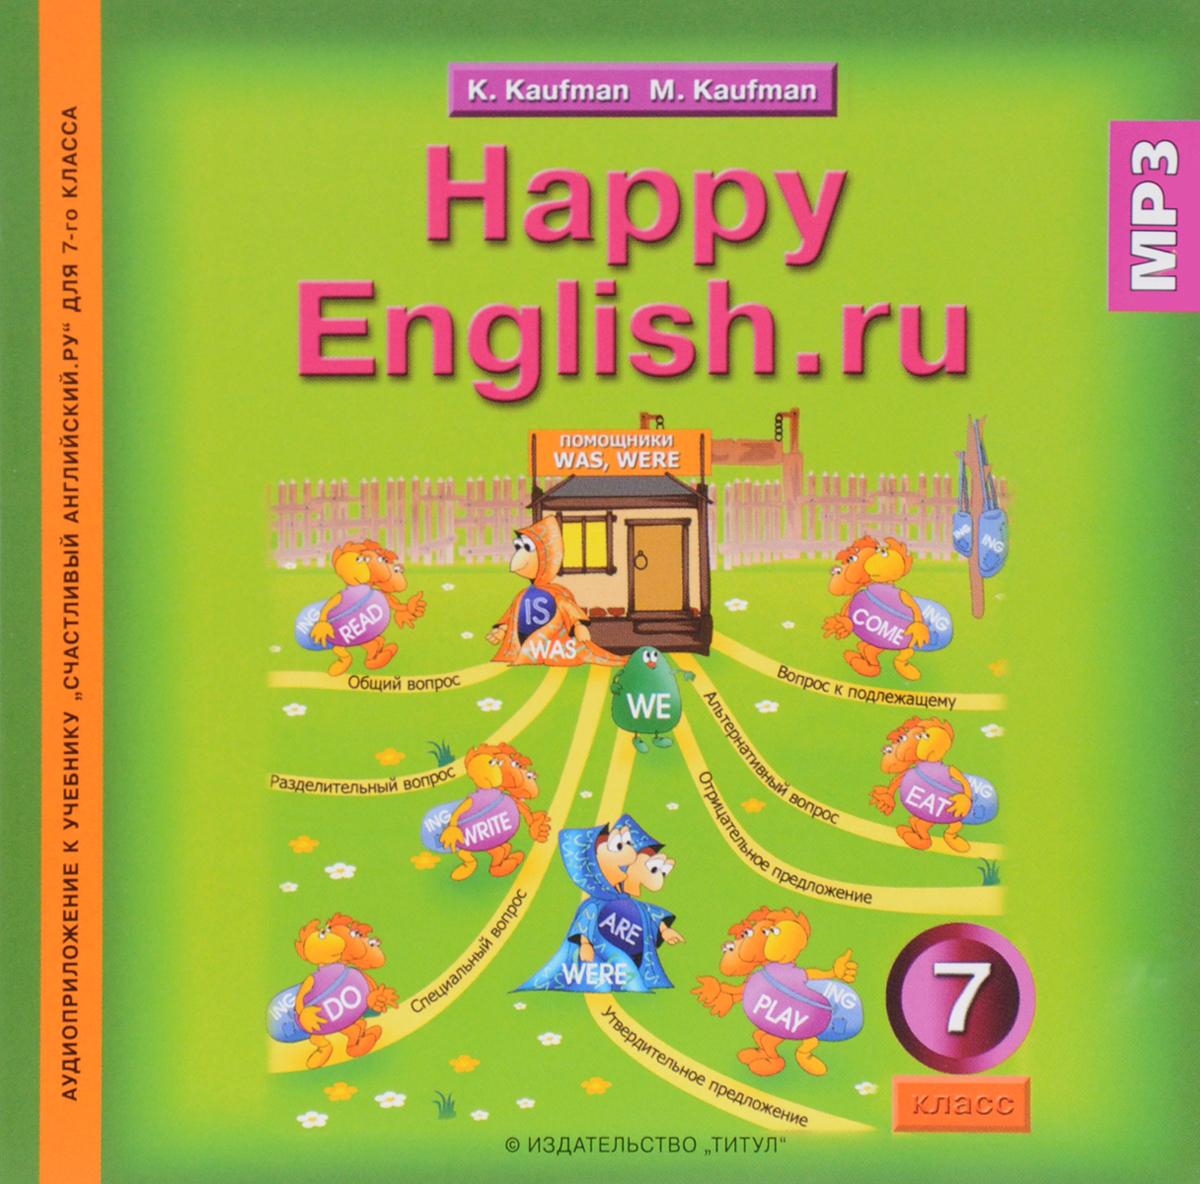 Happy English.ru 7 / Английский язык. 7 класс (аудиокурс MP3)